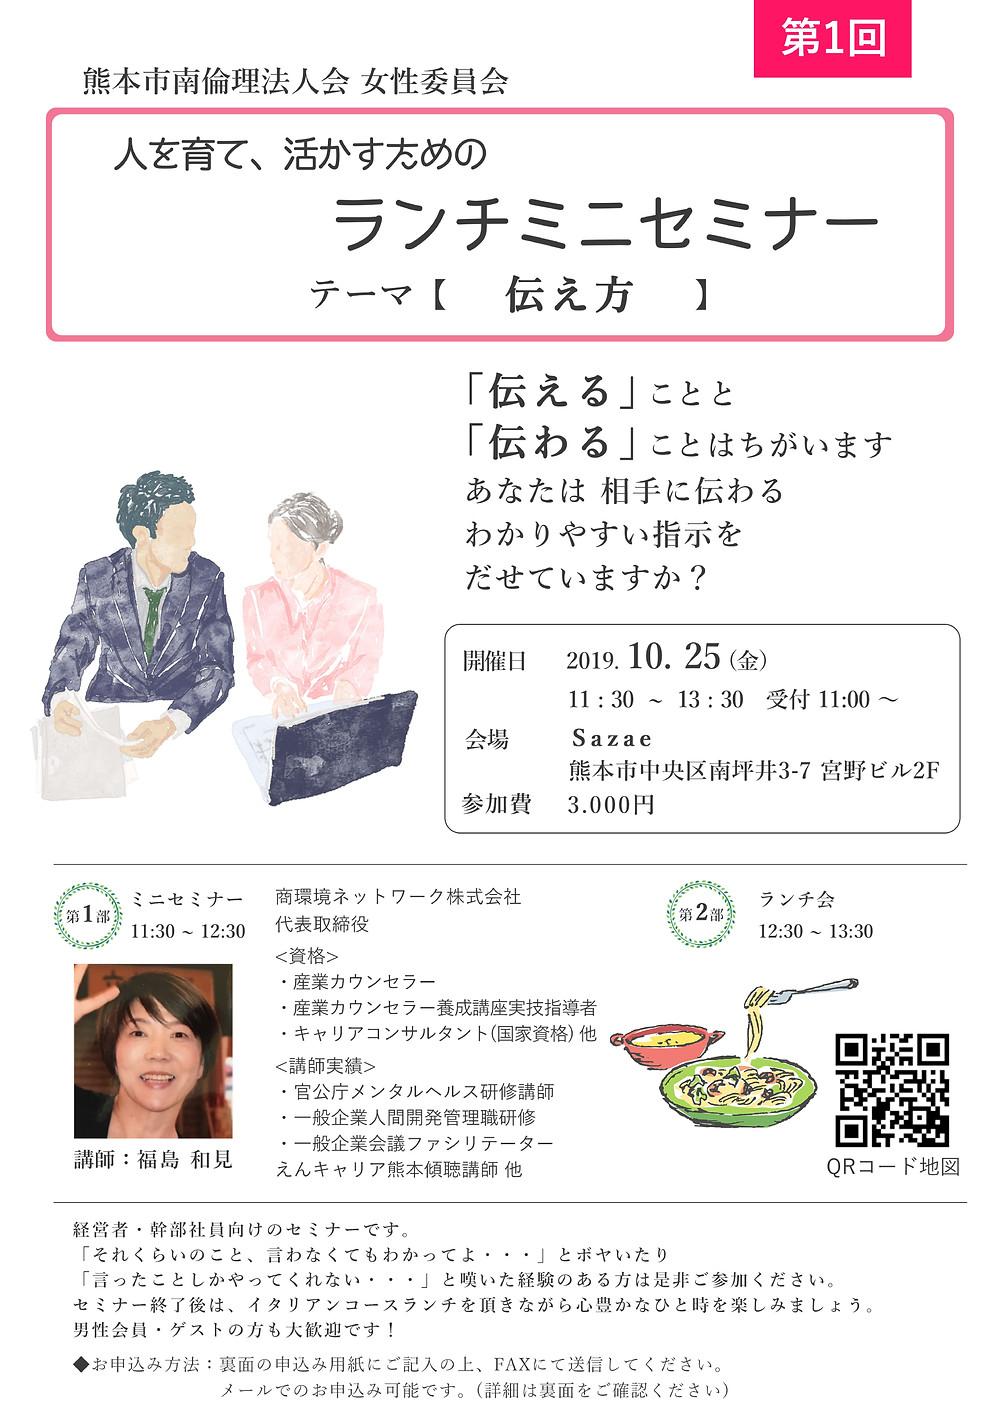 熊本市南倫理法人会 女性委員会「ランチミニセミナー」